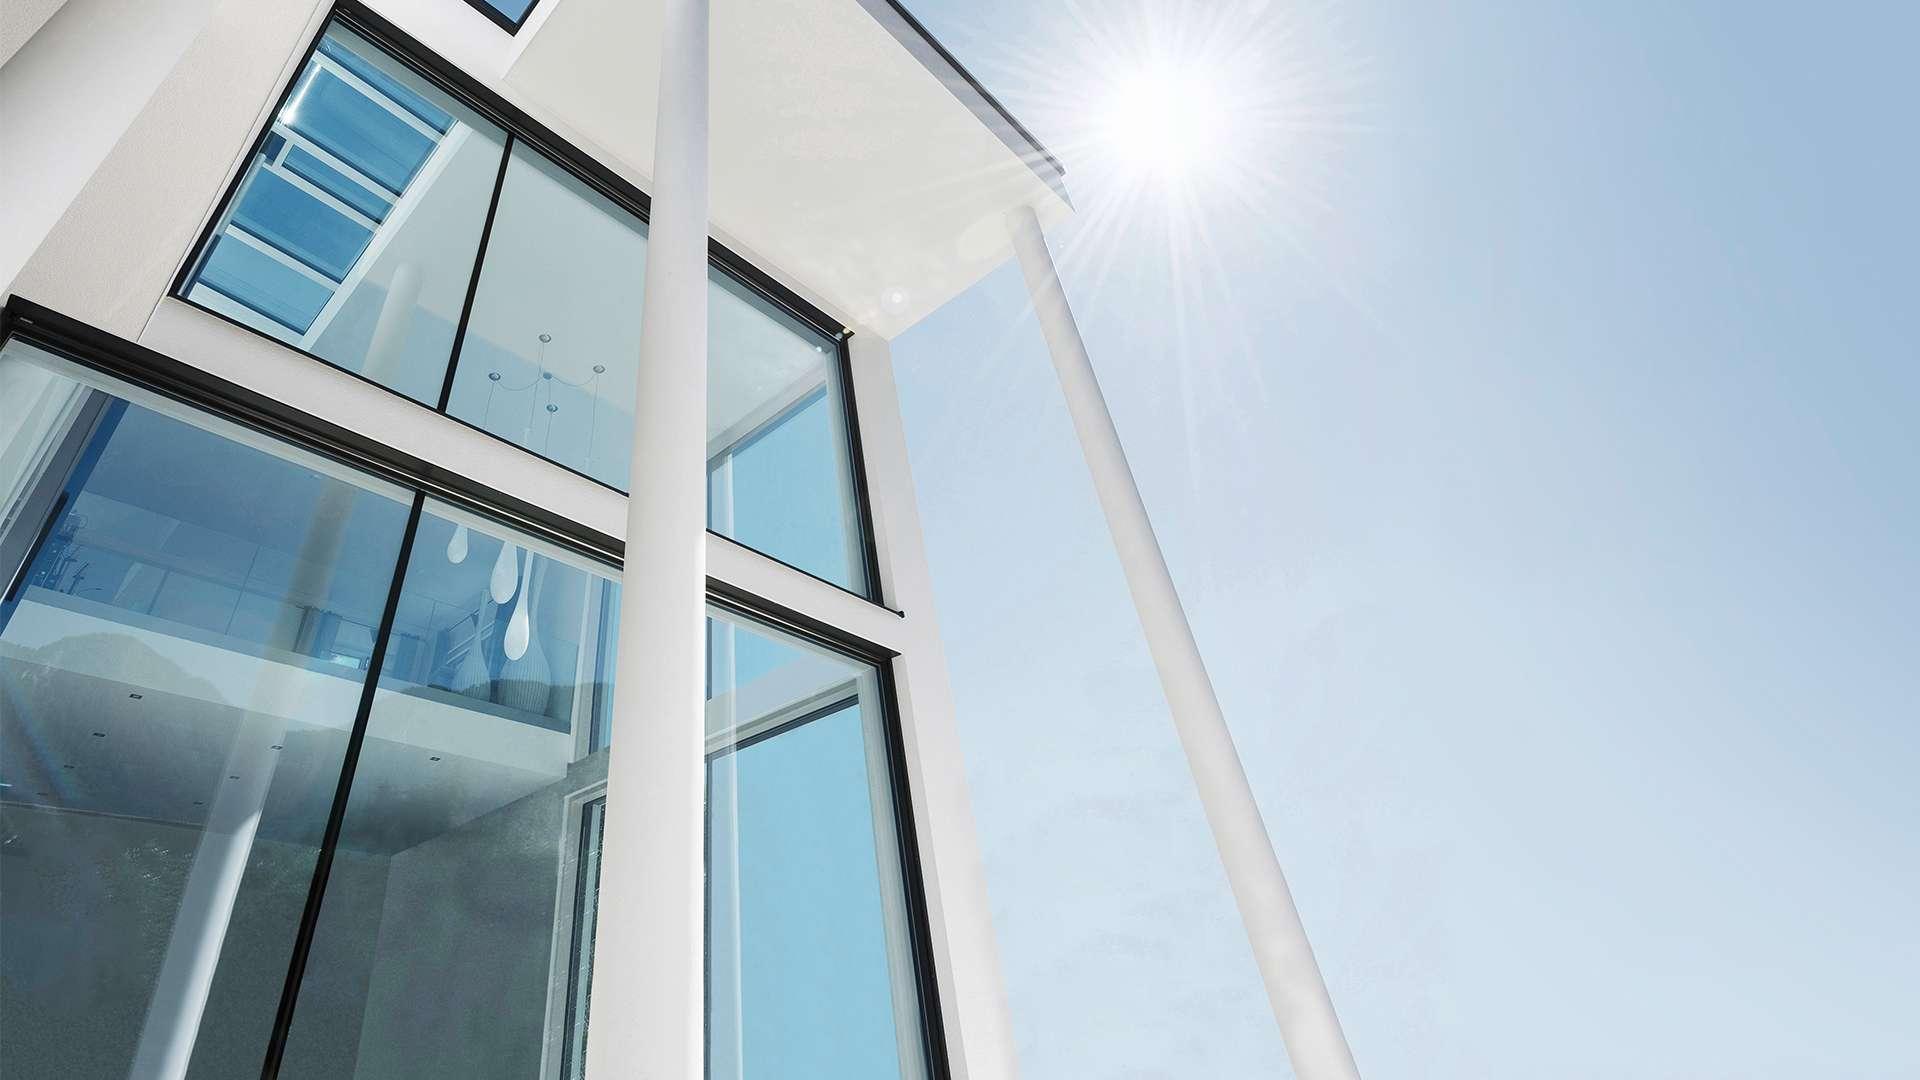 Gebäude mit Fenstern aus Eclaz Wärmeschutzglas von Internorm